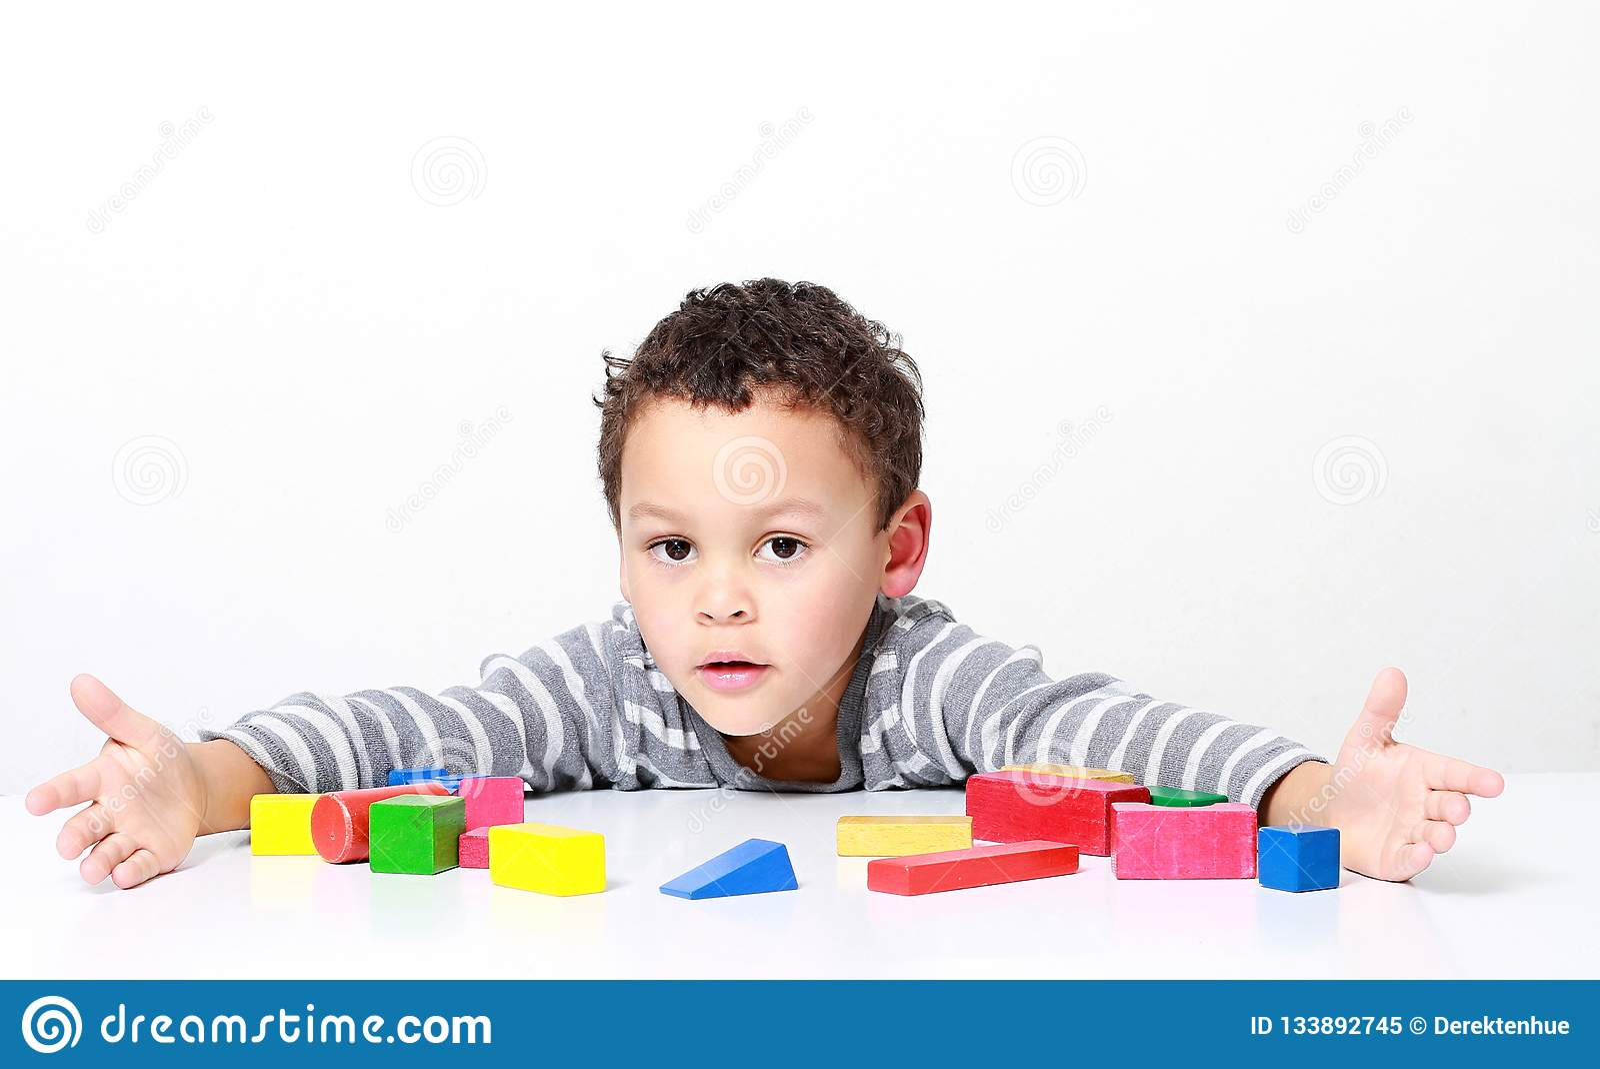 Мальчик испытывая его творческие способности путем построение башен со строительными блоками игрушки